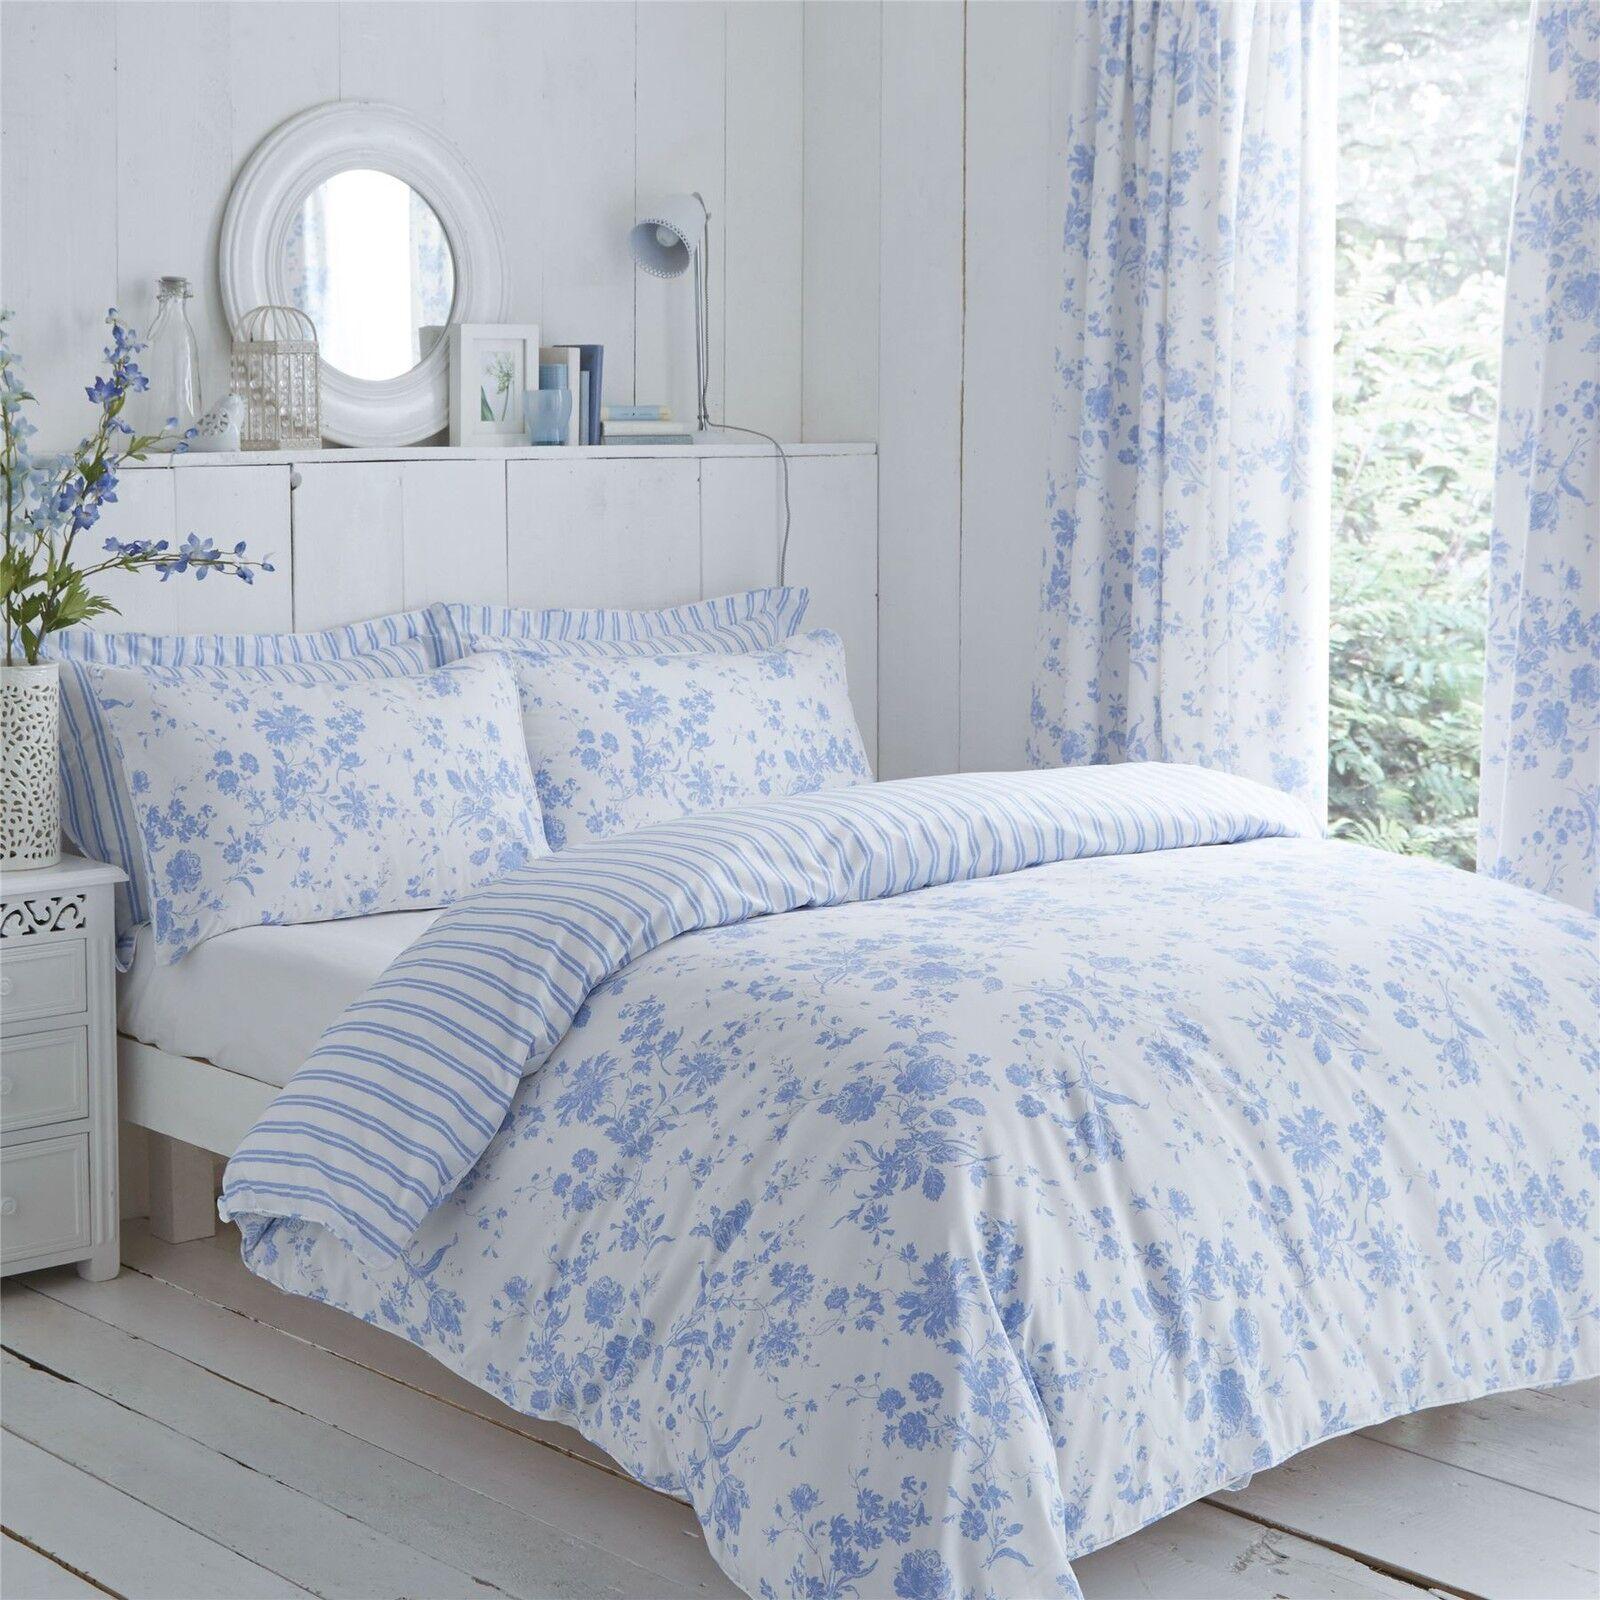 Blaumen Schleierstoff Streifen blau weiss Einzel Bettwäsche & Plissee-Vorhänge | Preisreduktion